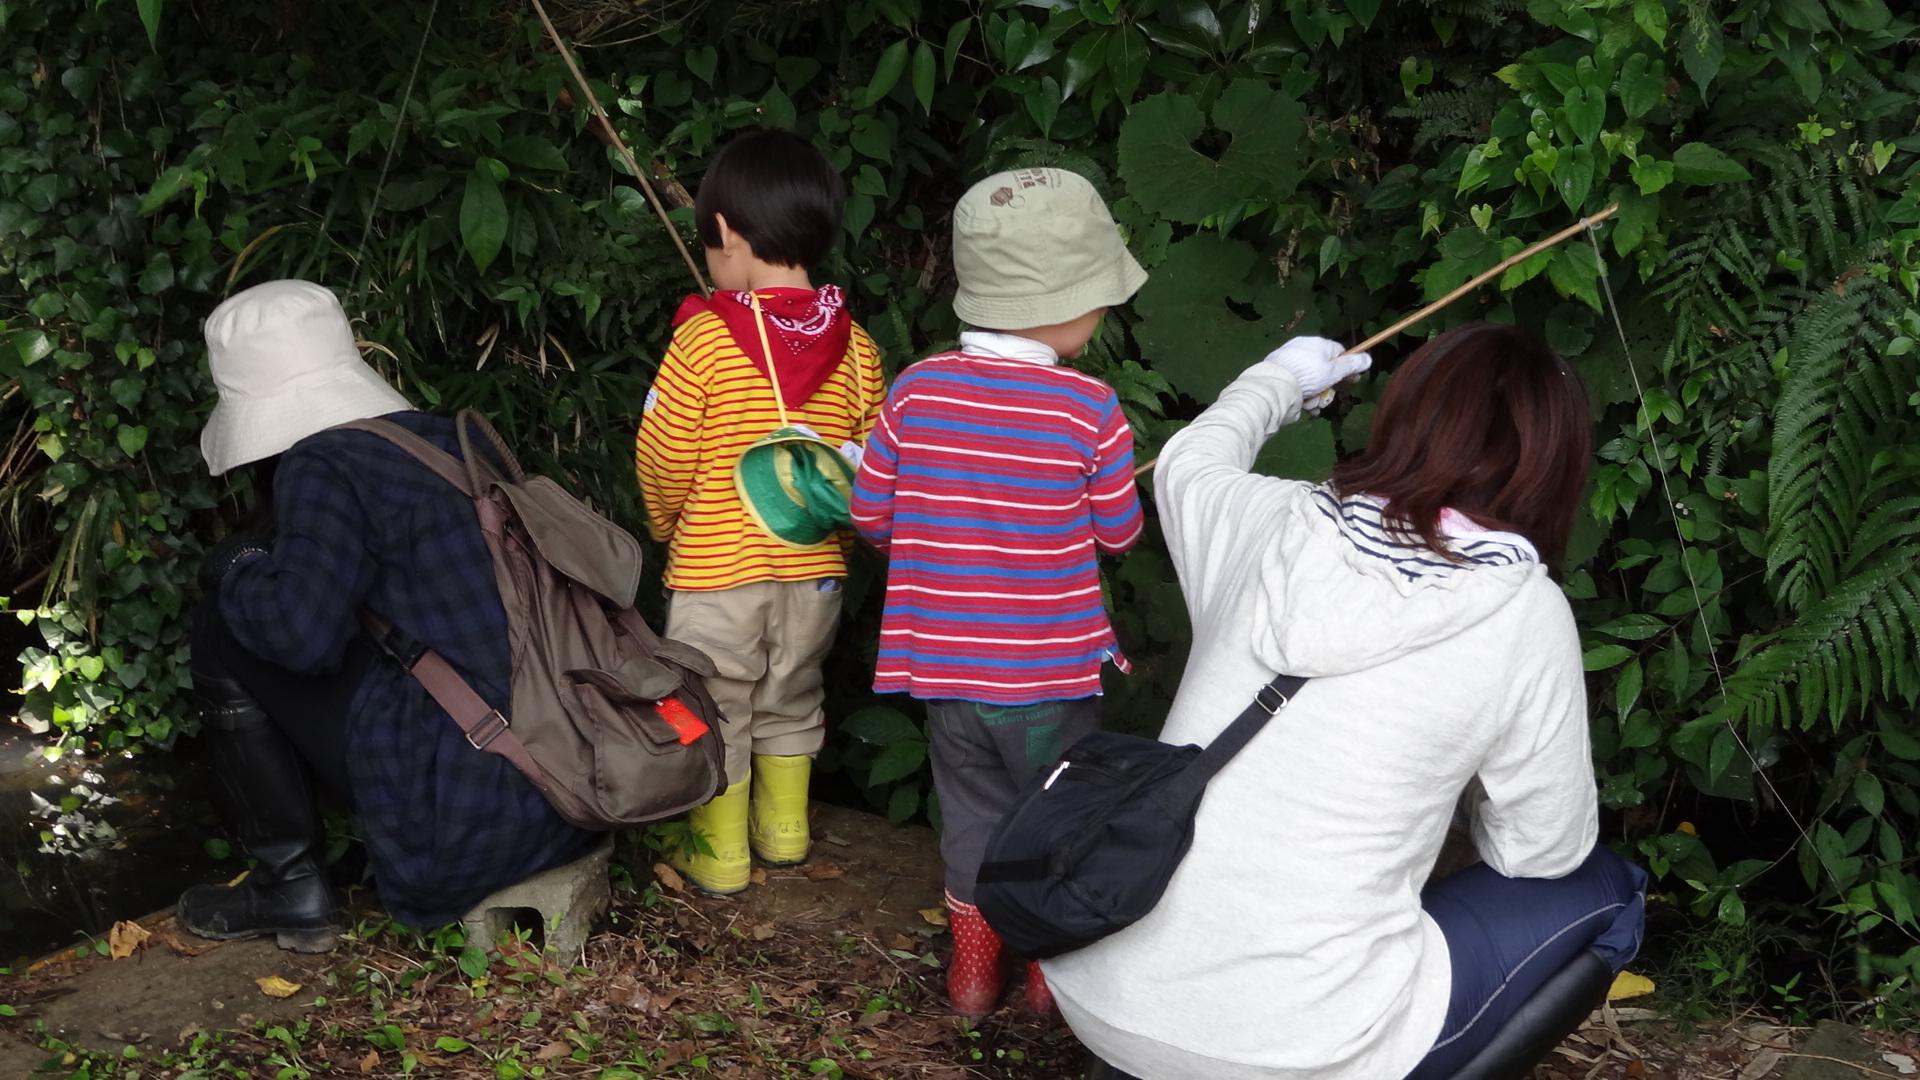 【かくれんぼの森】手作りの釣竿で、何が釣れるかな?